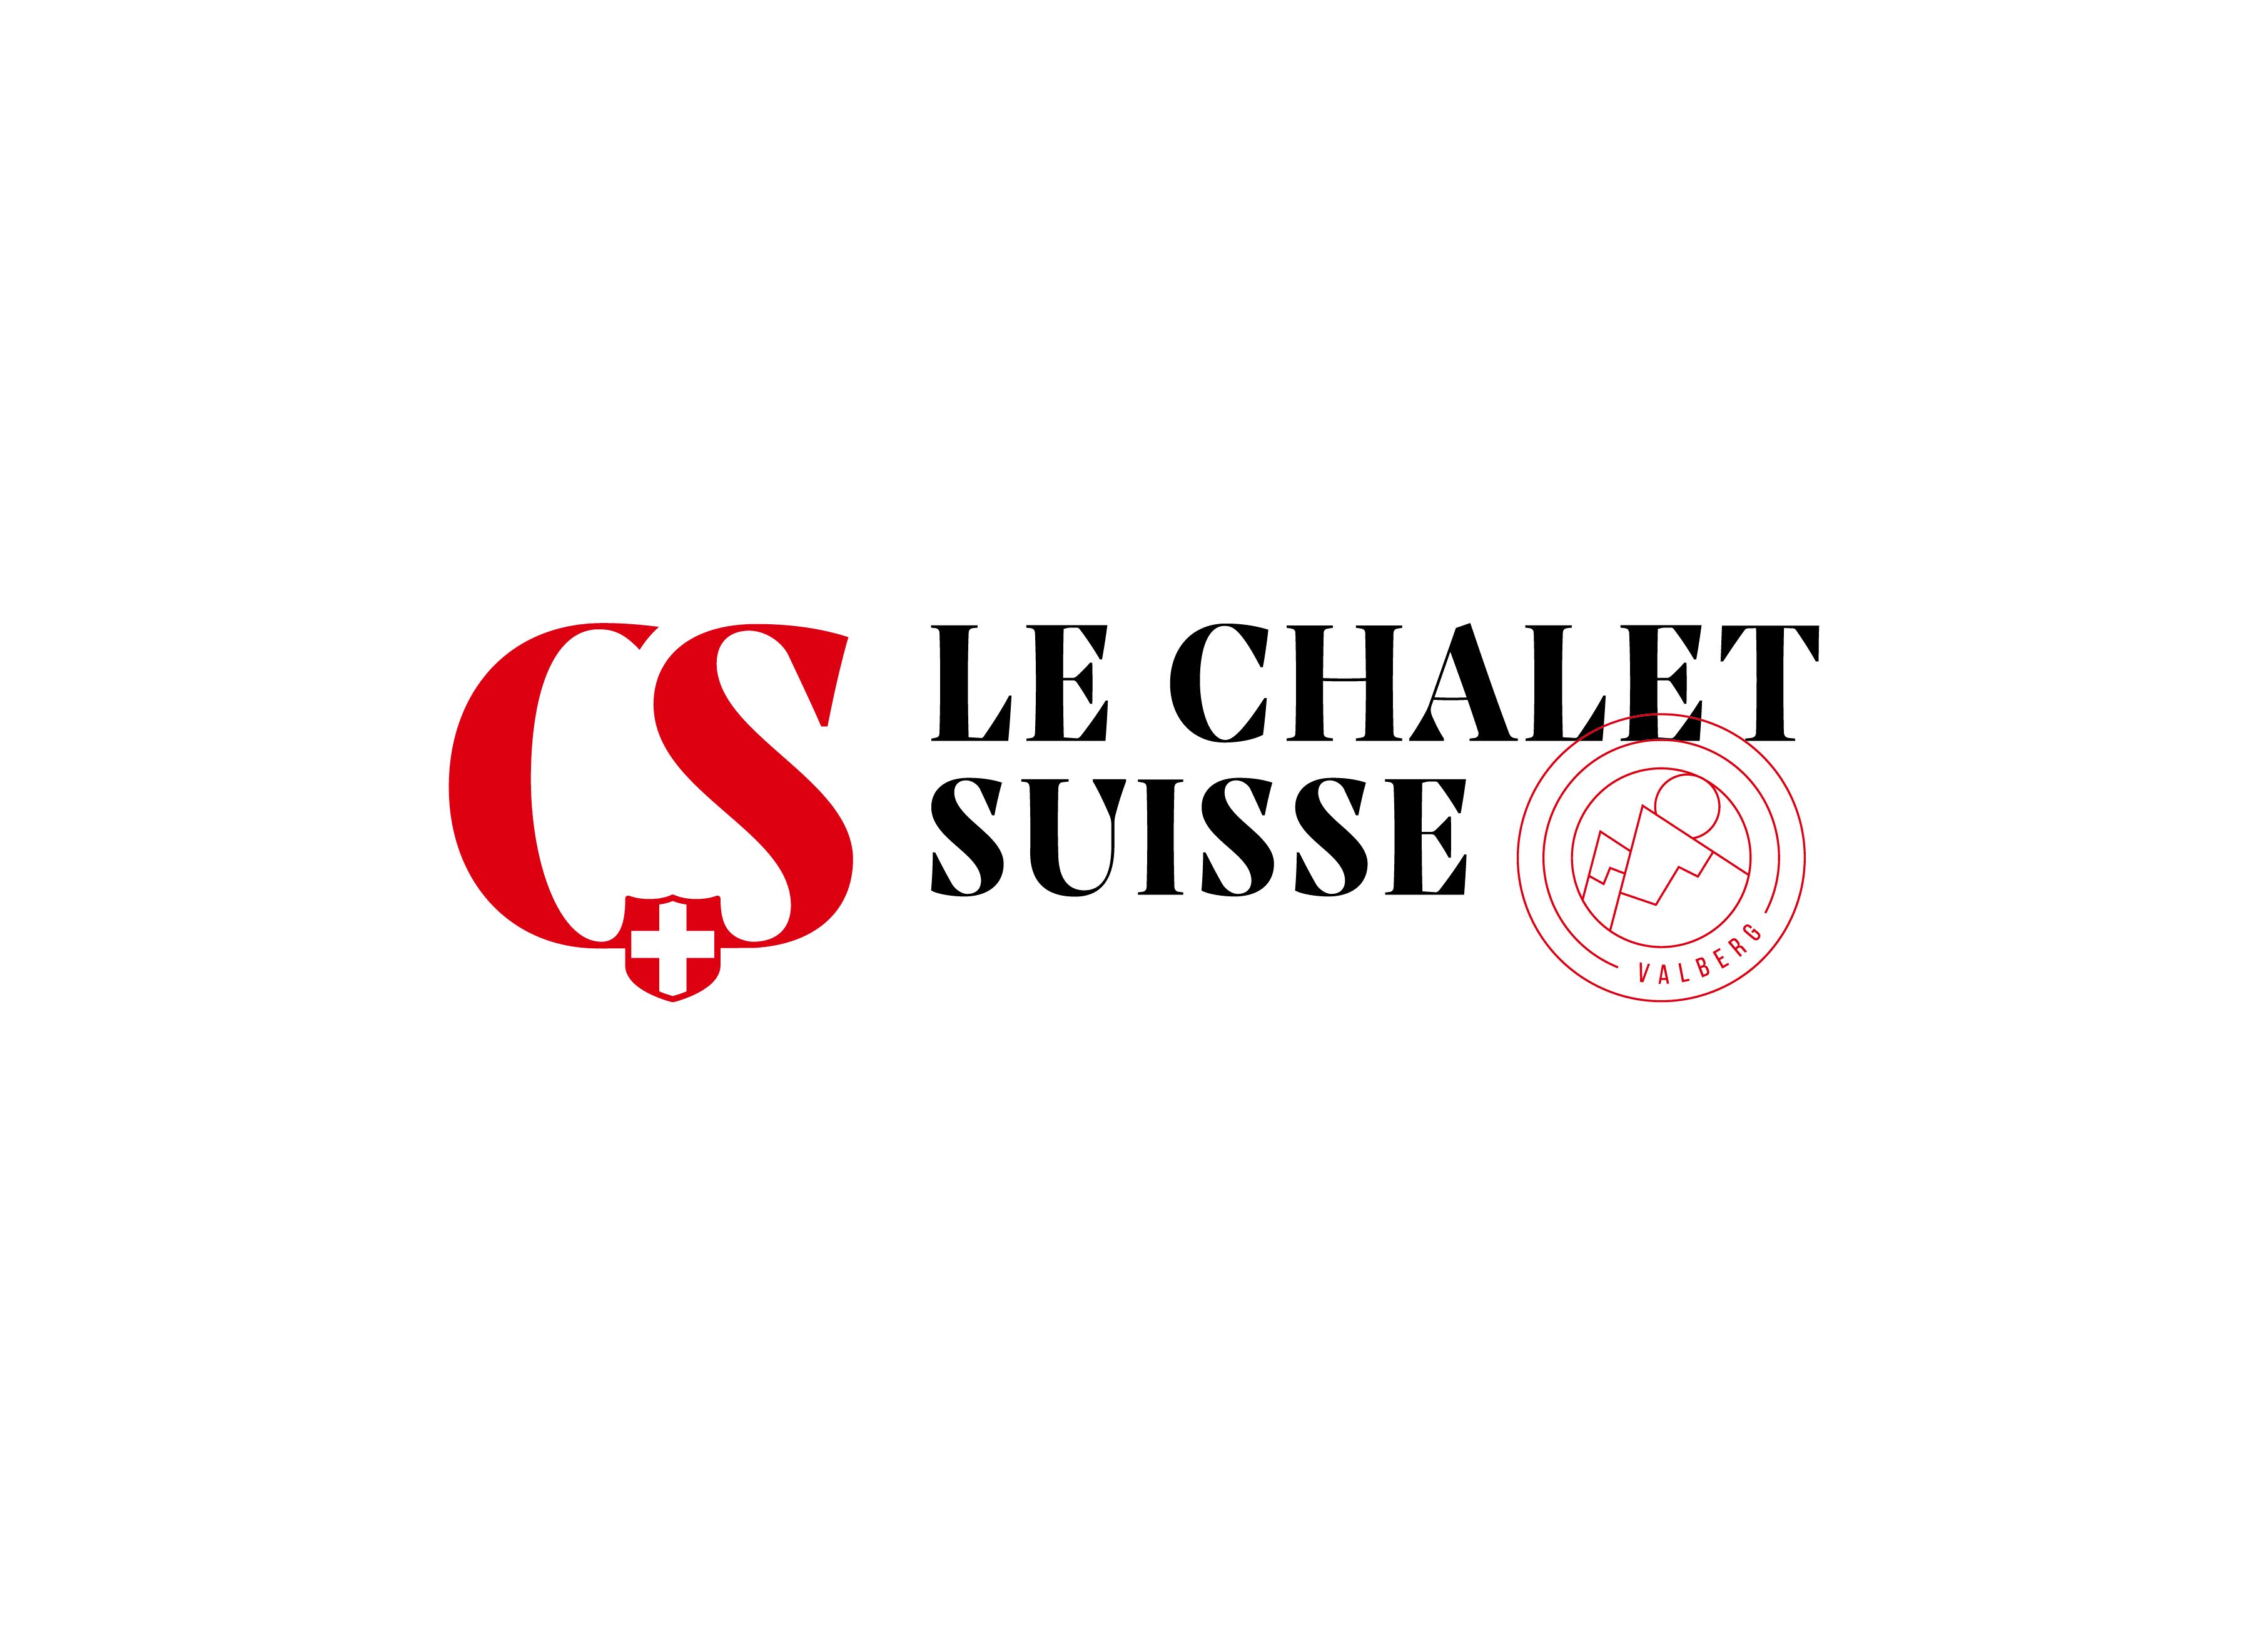 https://www.chaletsuisse.fr/images/logo.png